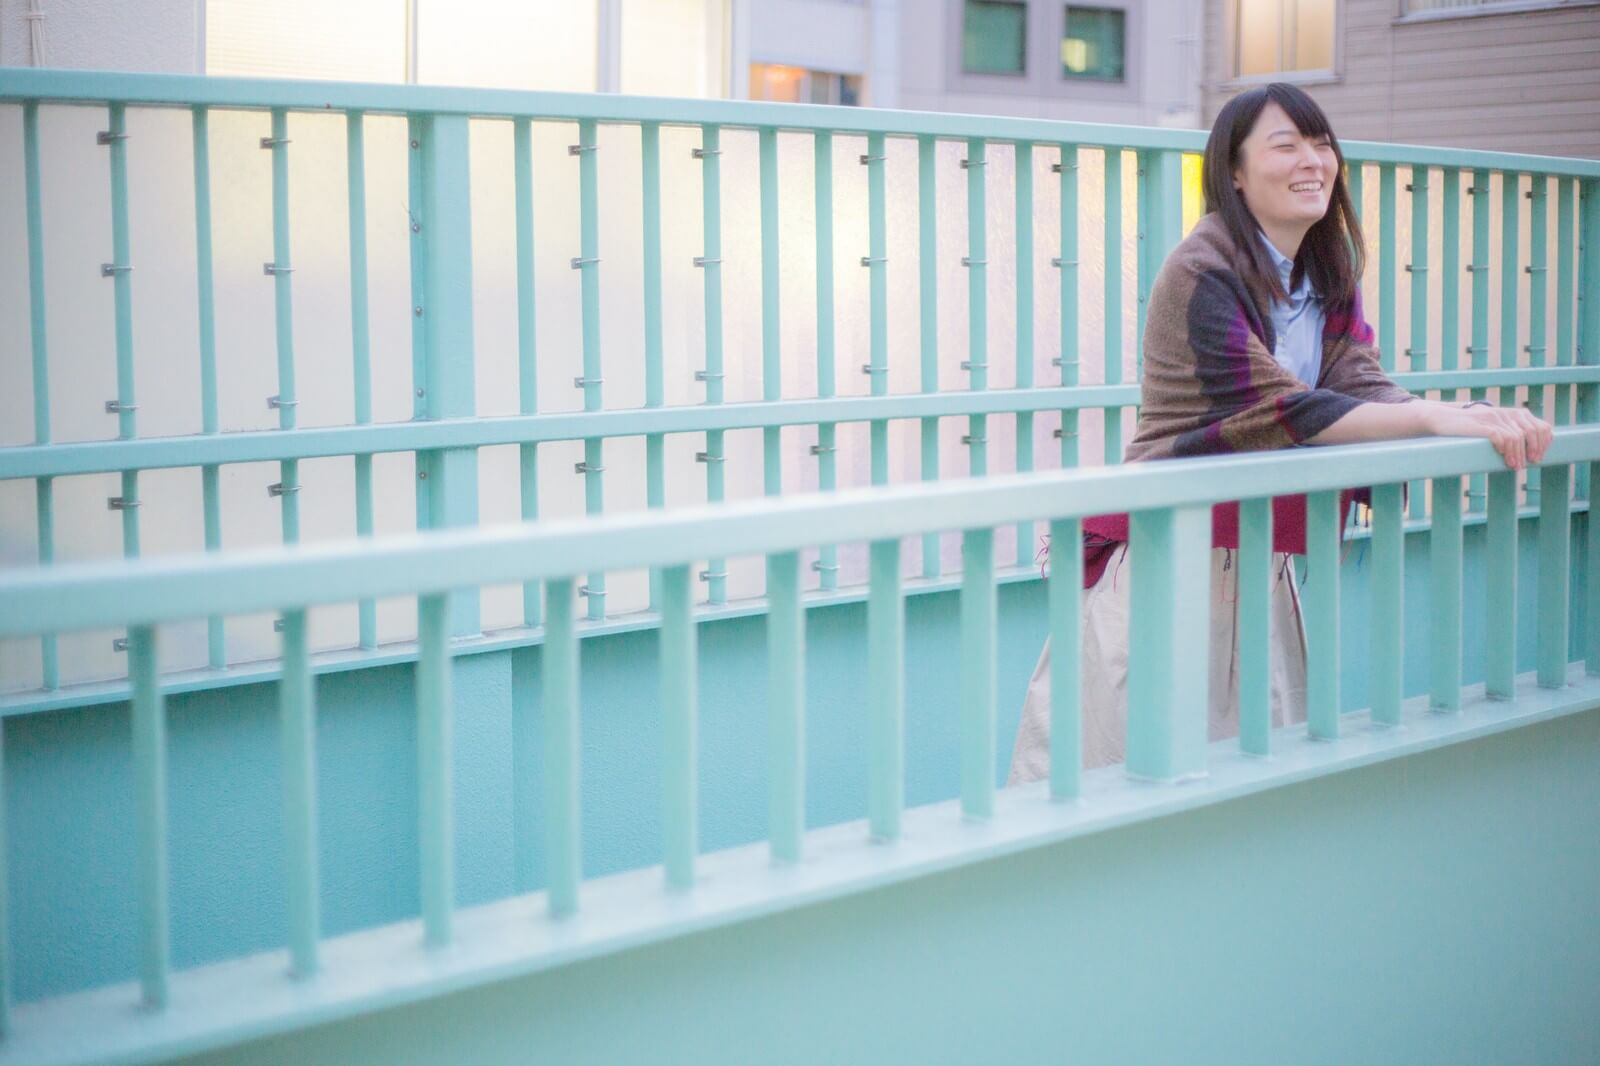 岡山県で別れさせ屋が行った工作事例集【別れさせ屋リスト付き】